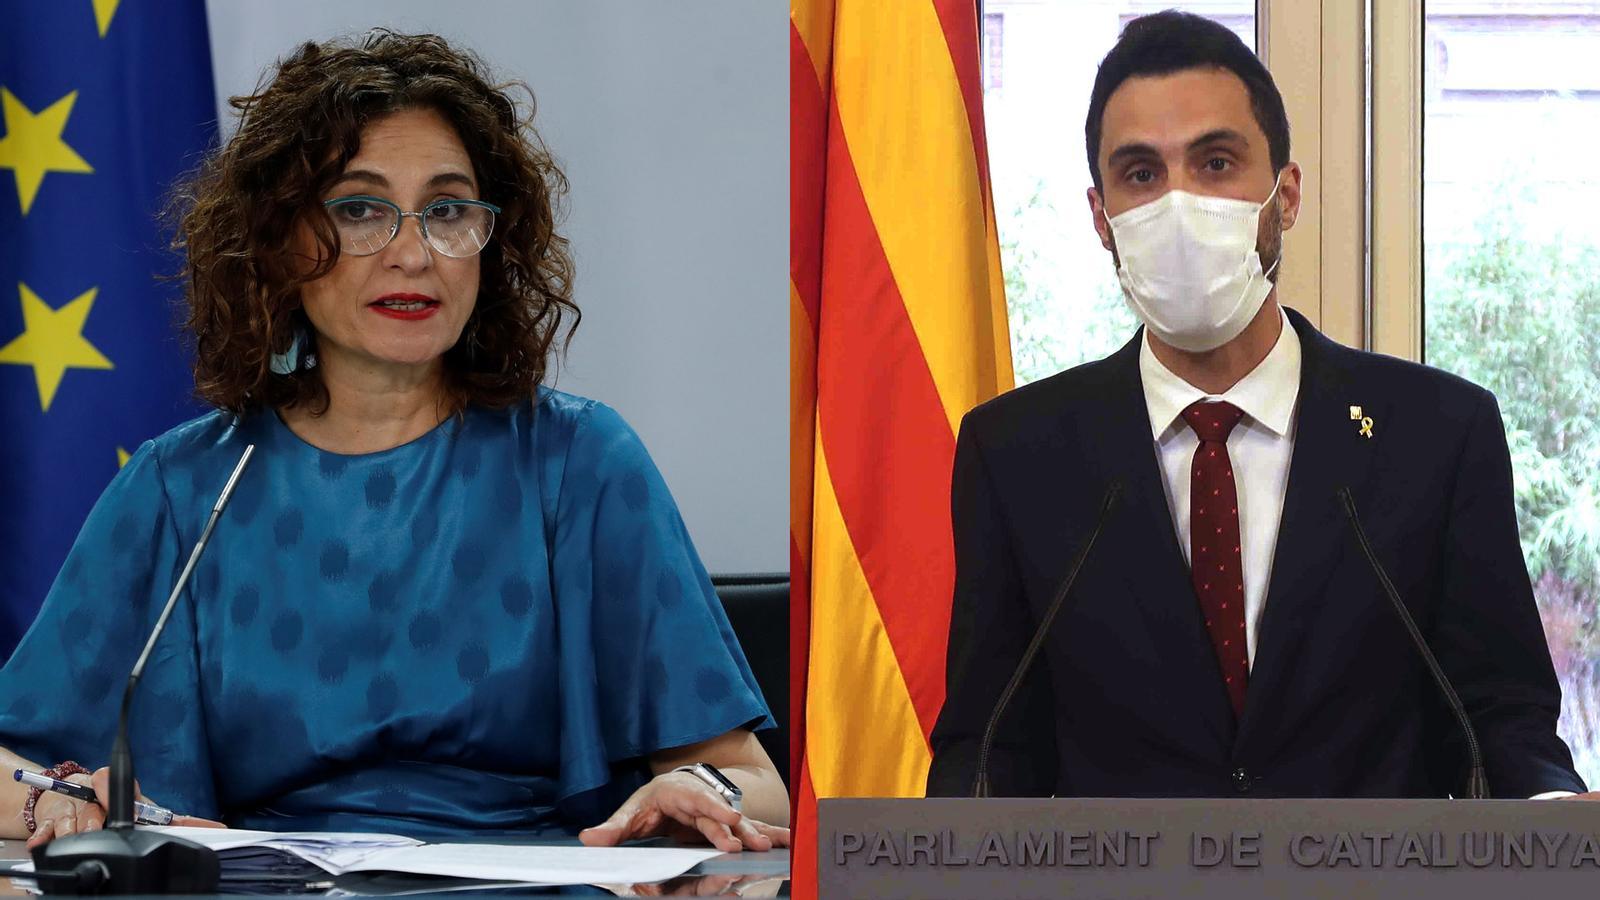 Confinament al Segrià, restriccions a l'Hospitalet i a les residències, la Moncloa diu a Torrent que vagi al jutge a denunciar l'espionatge i el rei Felip no vindrà divendres a Catalunya: les claus del dia amb Antoni Bassas (15/07/2020)